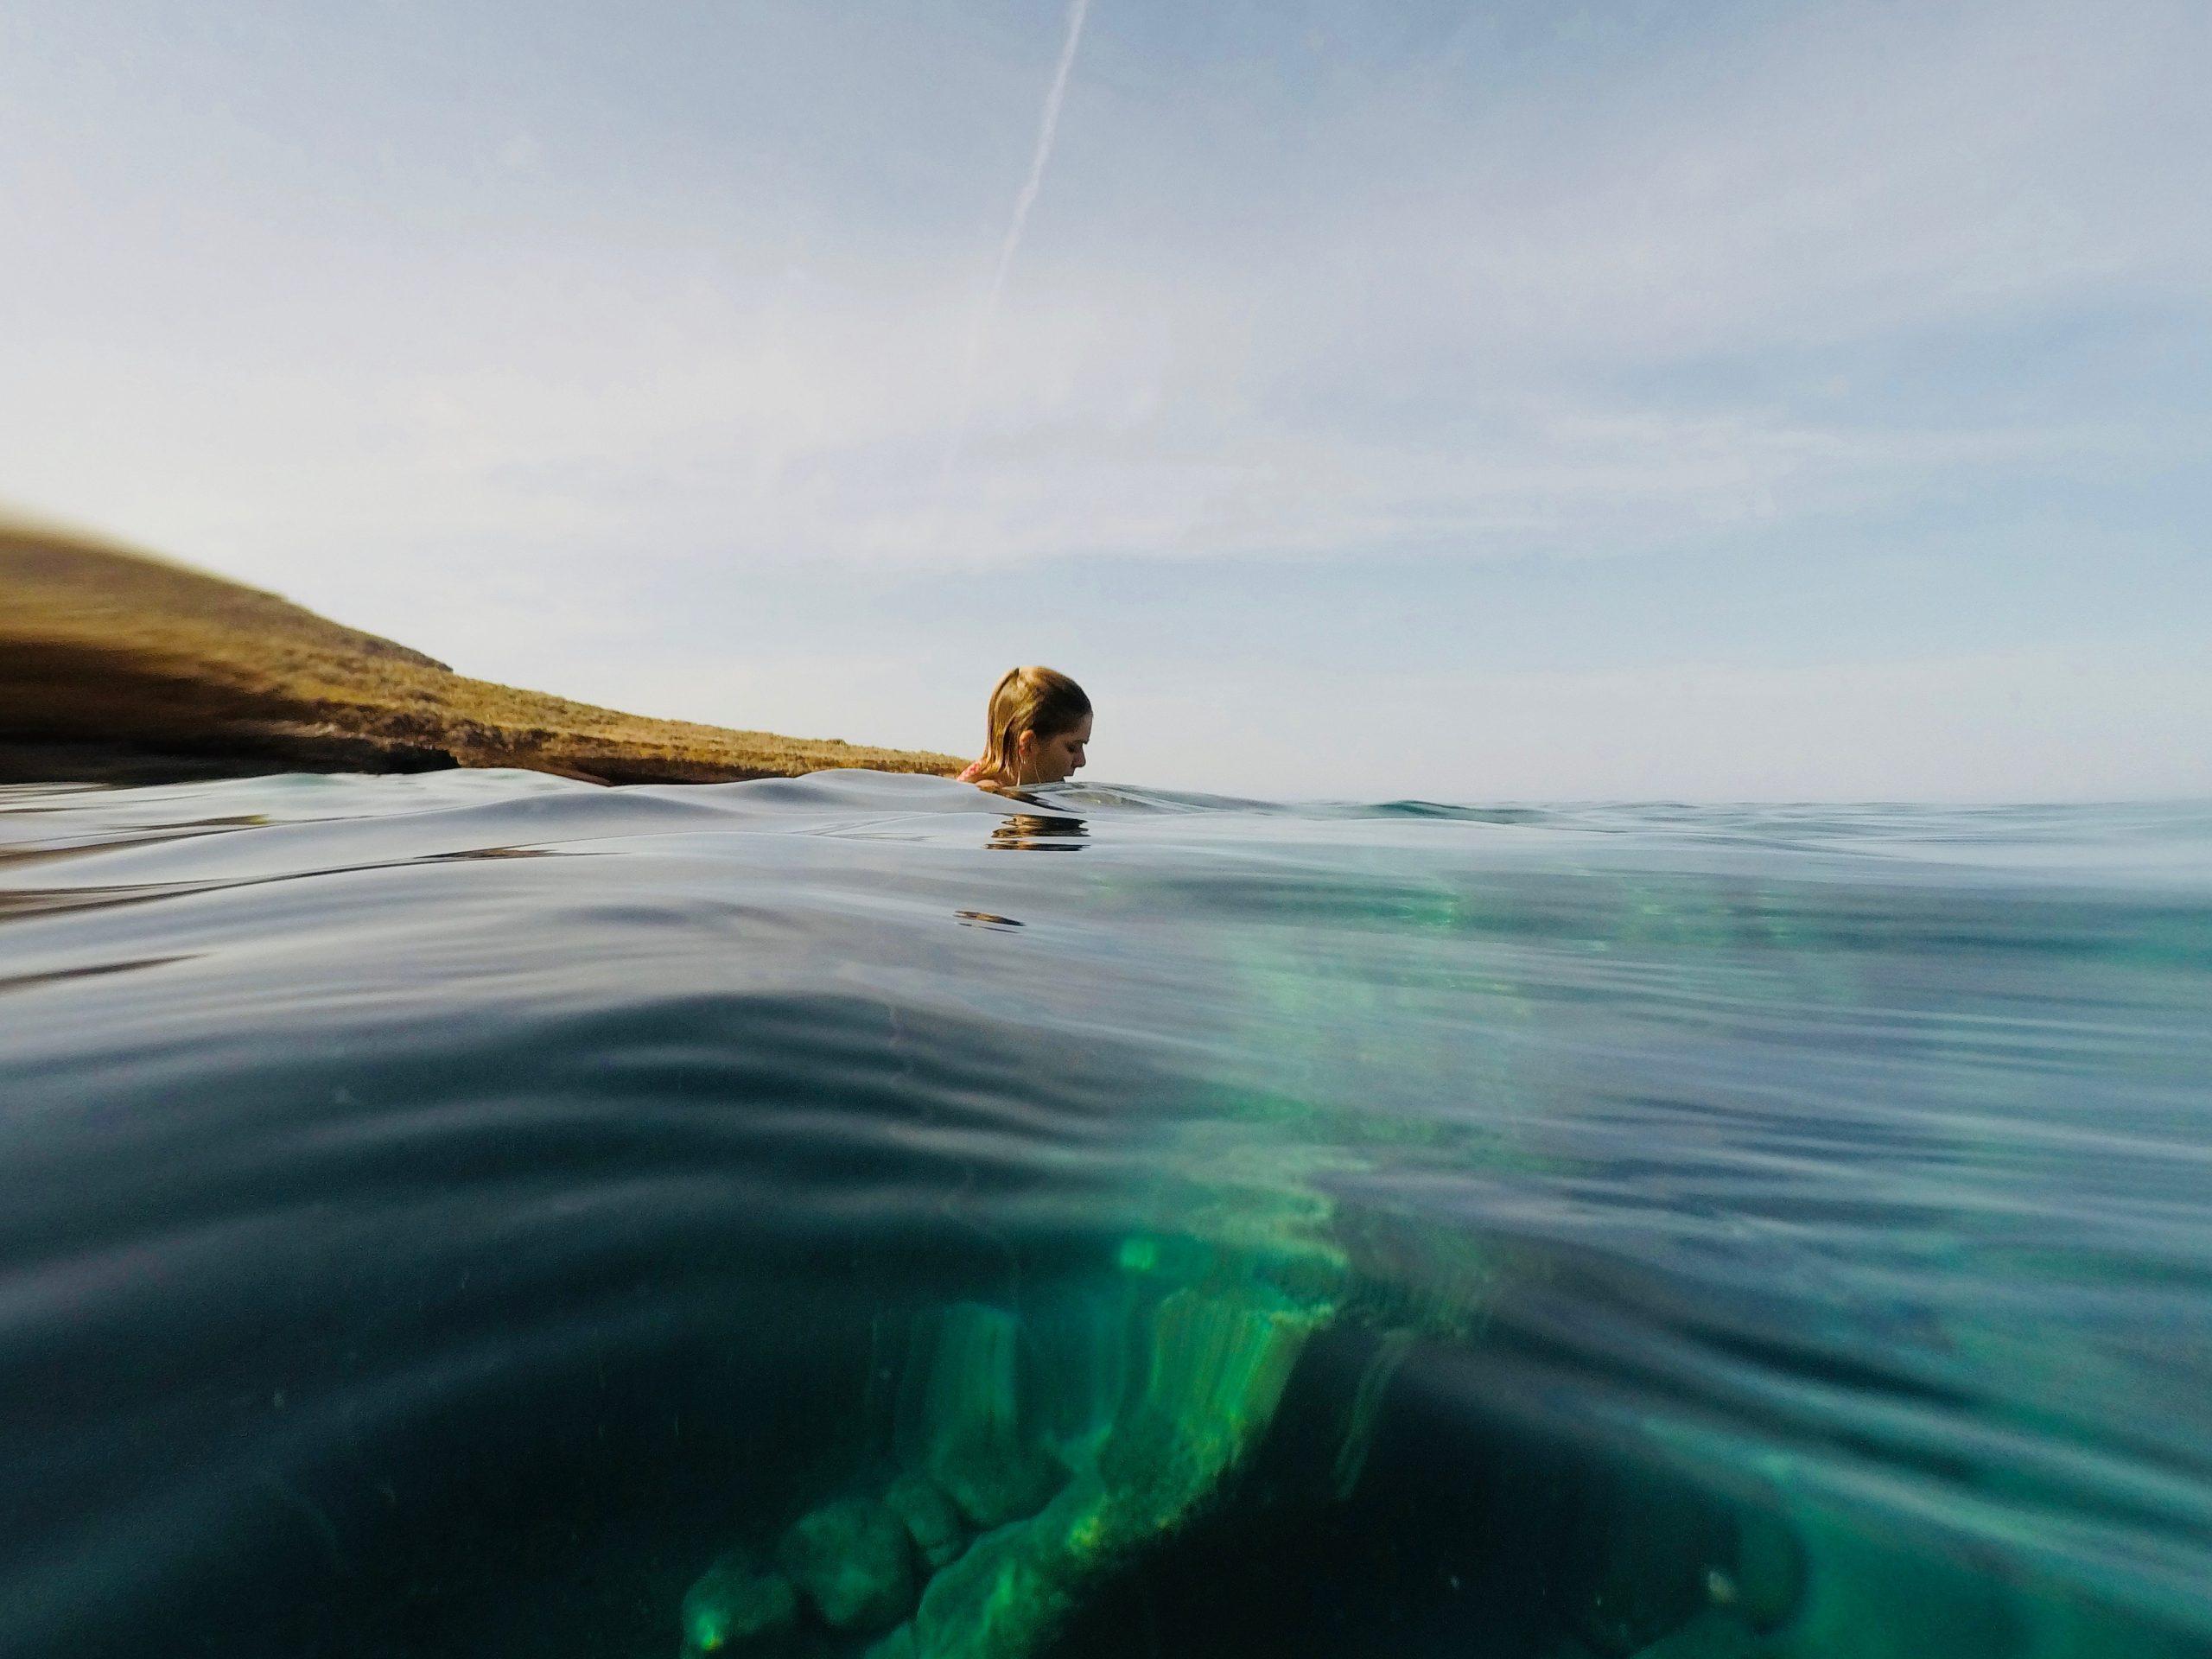 Κολύμπι: Τονώστε την ψυχική σας υγεία κολυμπώντας στη θάλασσα [vid]